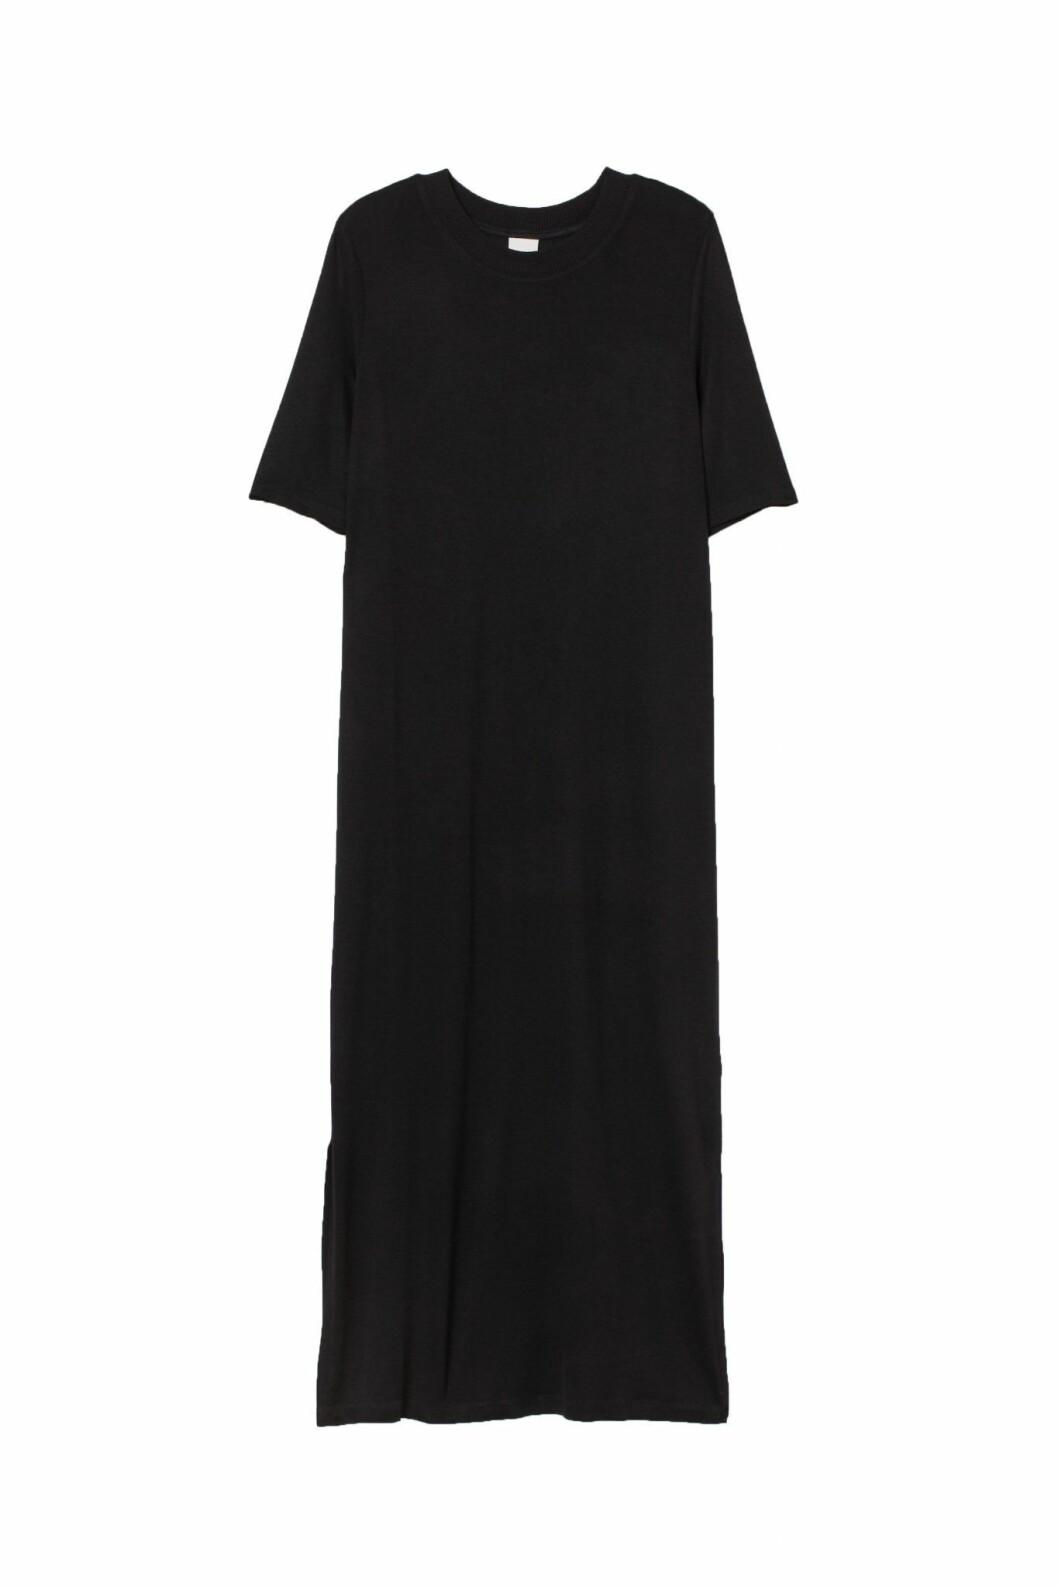 svart klänning från H&M.